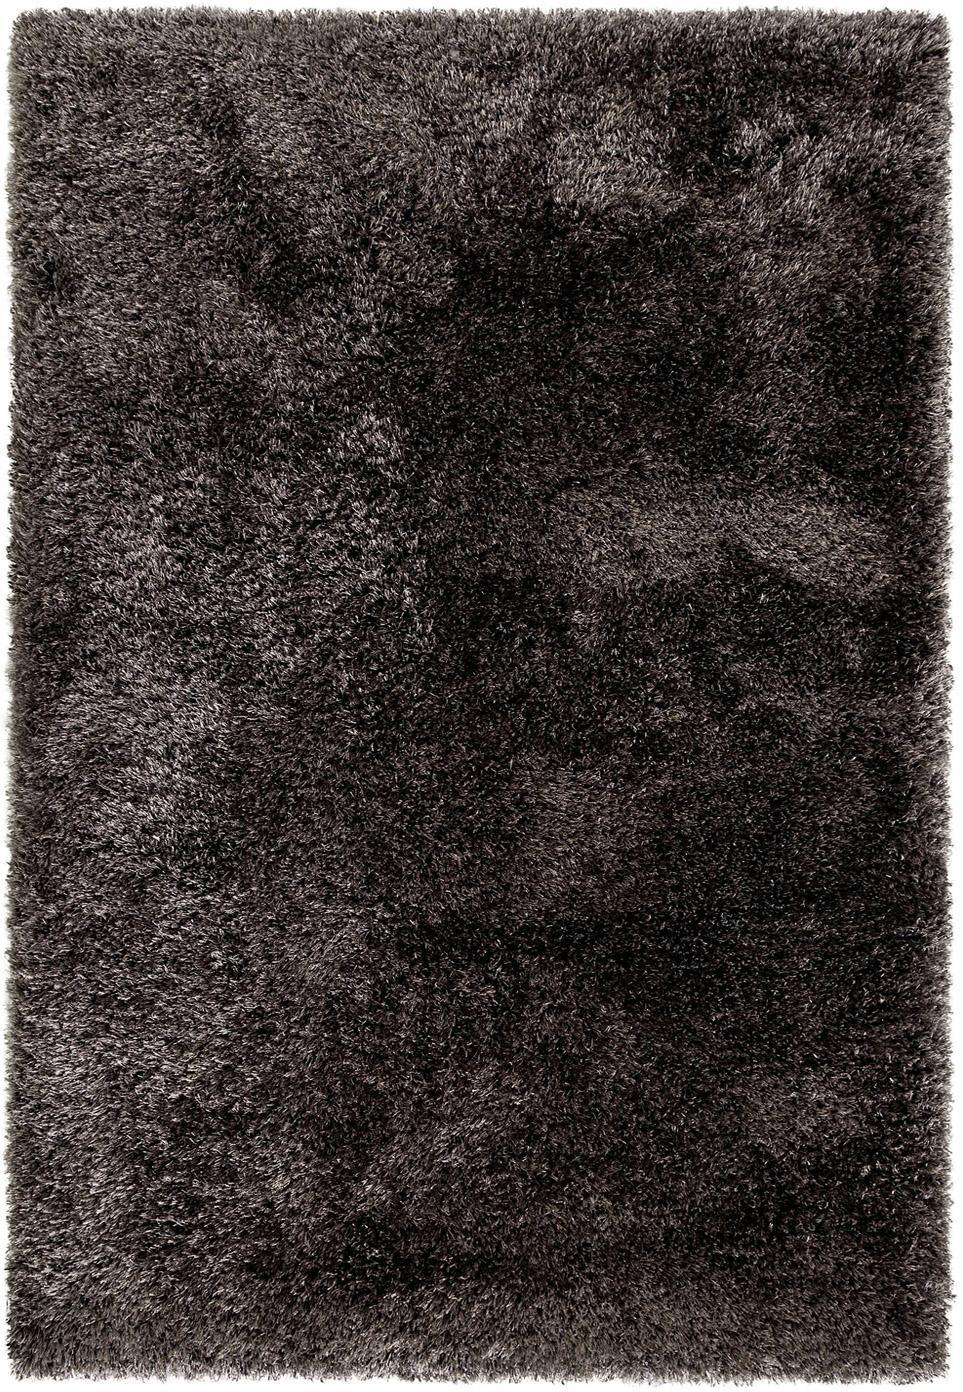 Glanzend hoogpolig vloerkleed Lea, 50% polyester, 50% polypropyleen, Antraciet, B 160 x L 230 cm (maat M)